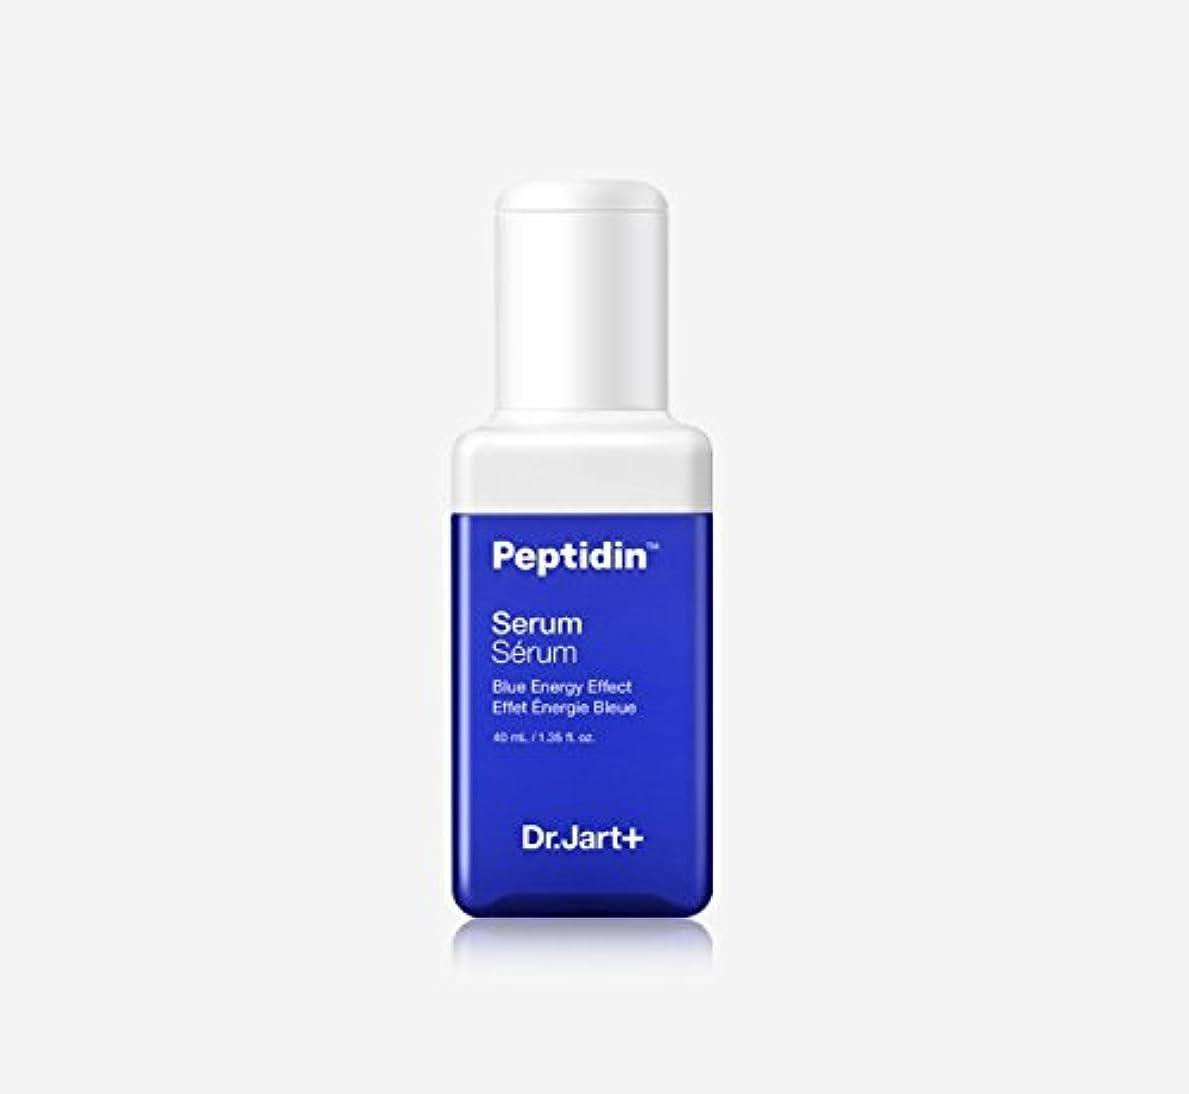 速度とにかくアジア人[Dr.Jart+] ドクタージャルトペプチドディーンセラムブルーエネルギー 40ml / DR JART Peptidin Serum Blue Energy 1.35 fl.oz. [海外直送品]